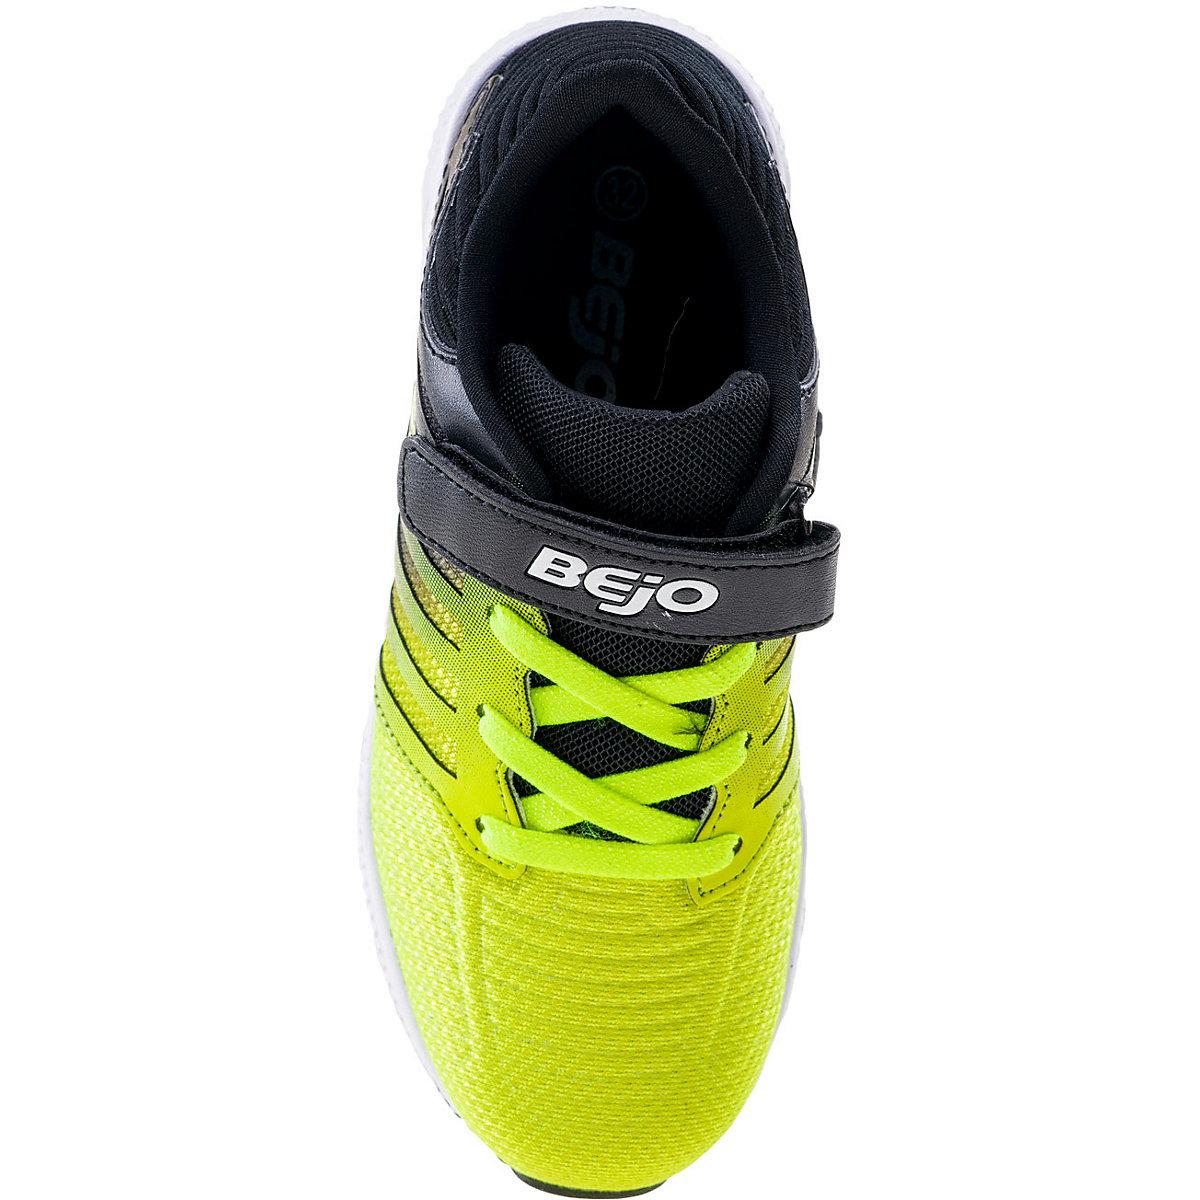 Bejo, Kinder Sportschuhe Carti, Schwarz/gelb